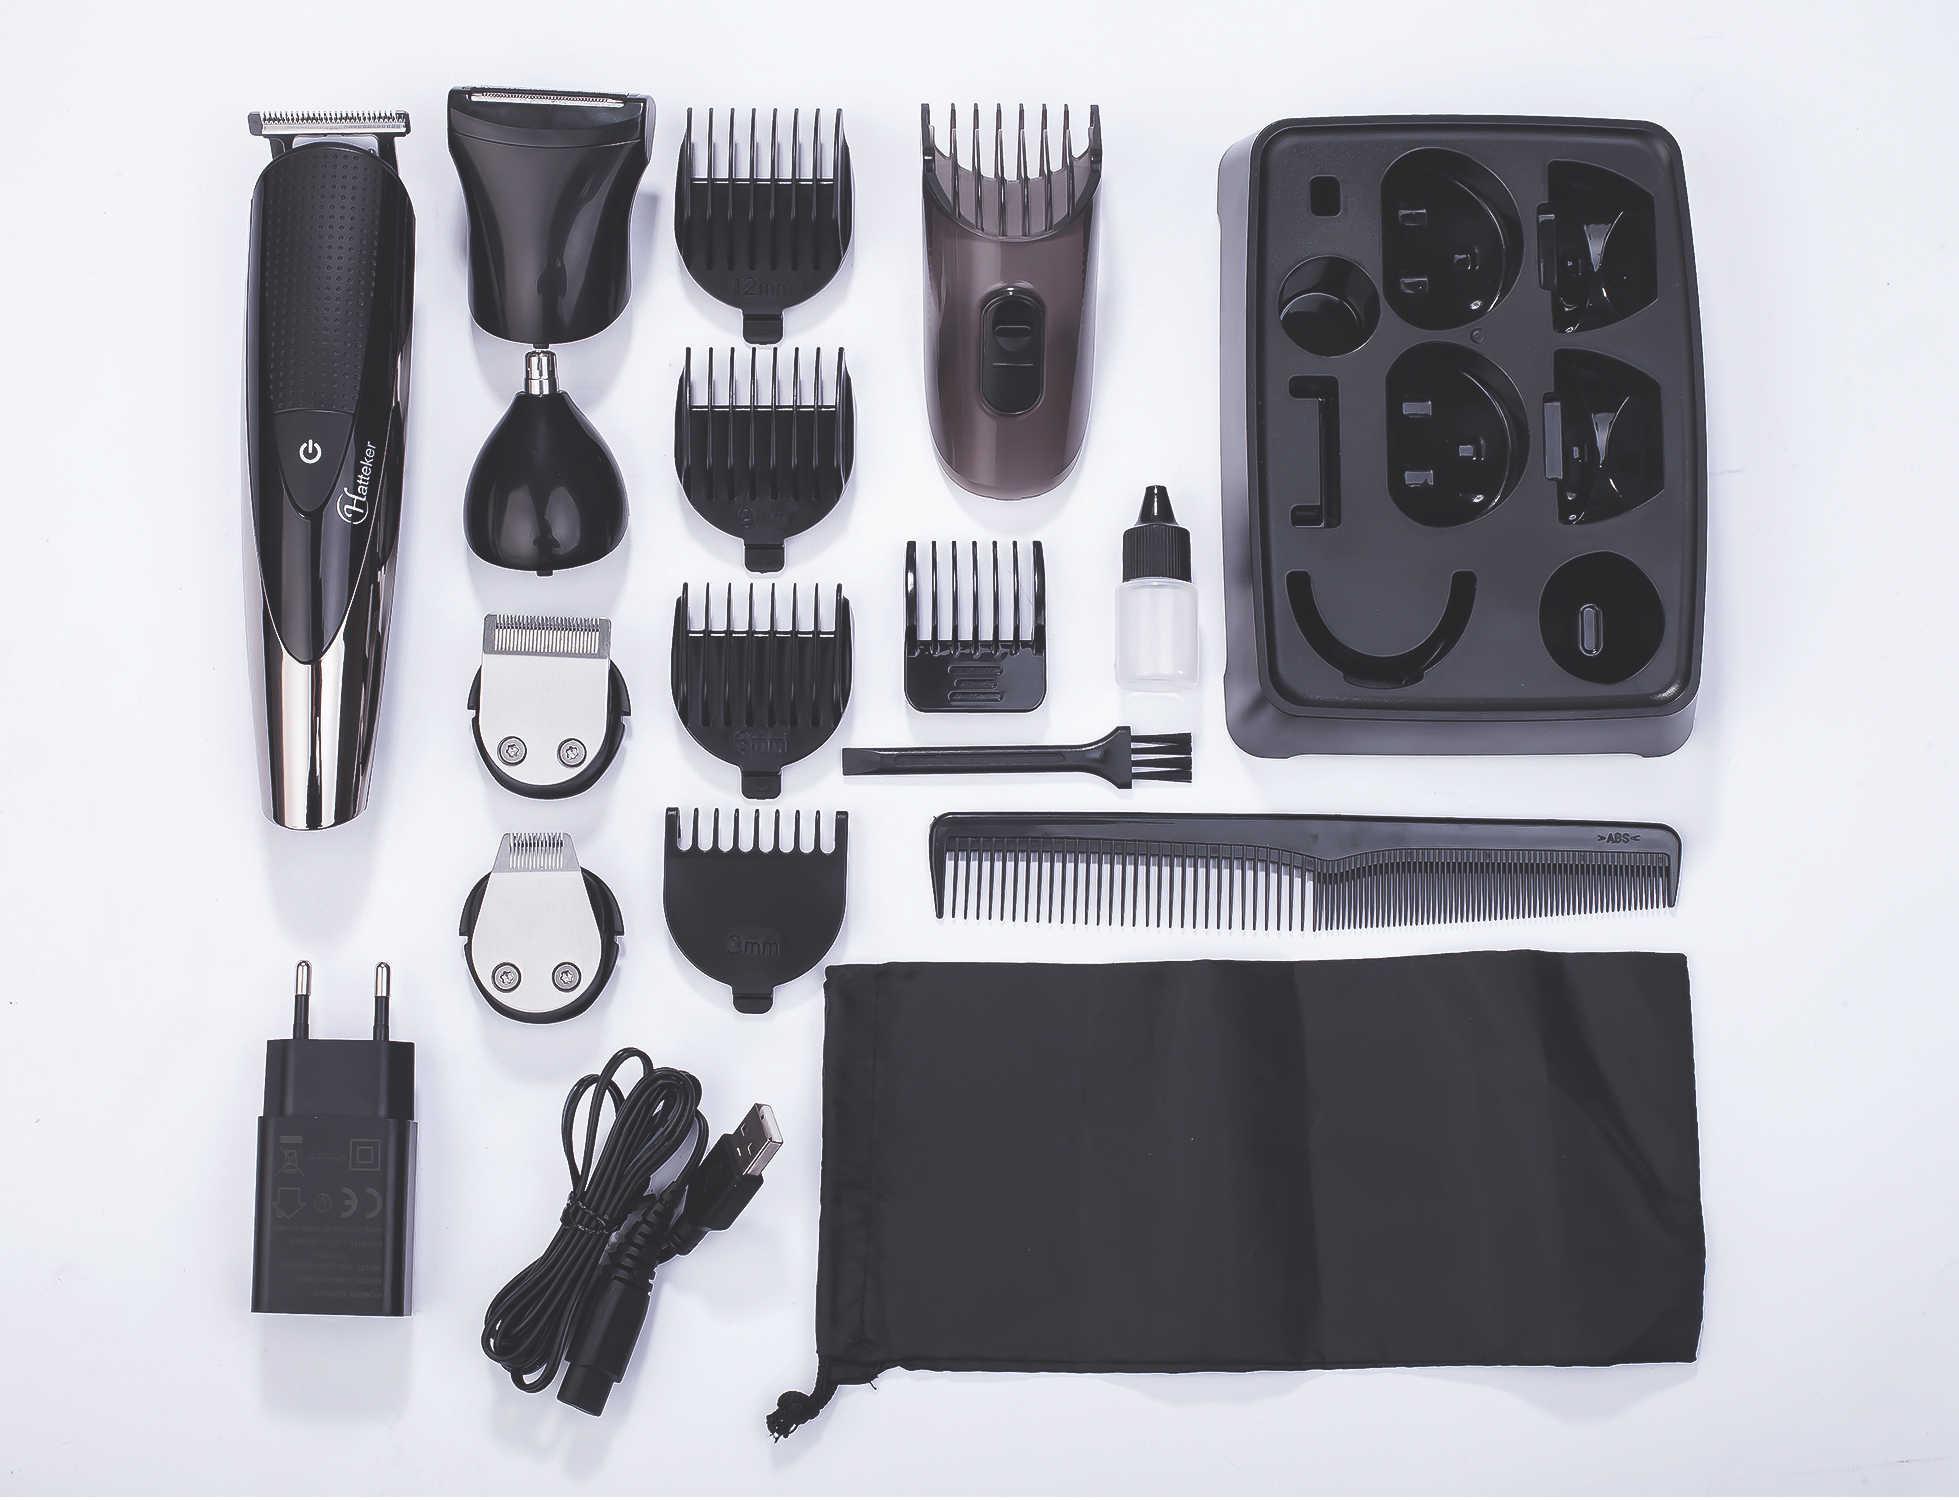 Surker 5 In 1 Elektrische Haar Trimmer IPX5 Wasserdicht Männer Haarschnitt Maschine Professionelle Barber Wiederaufladbare Haar Clipper SK-0068